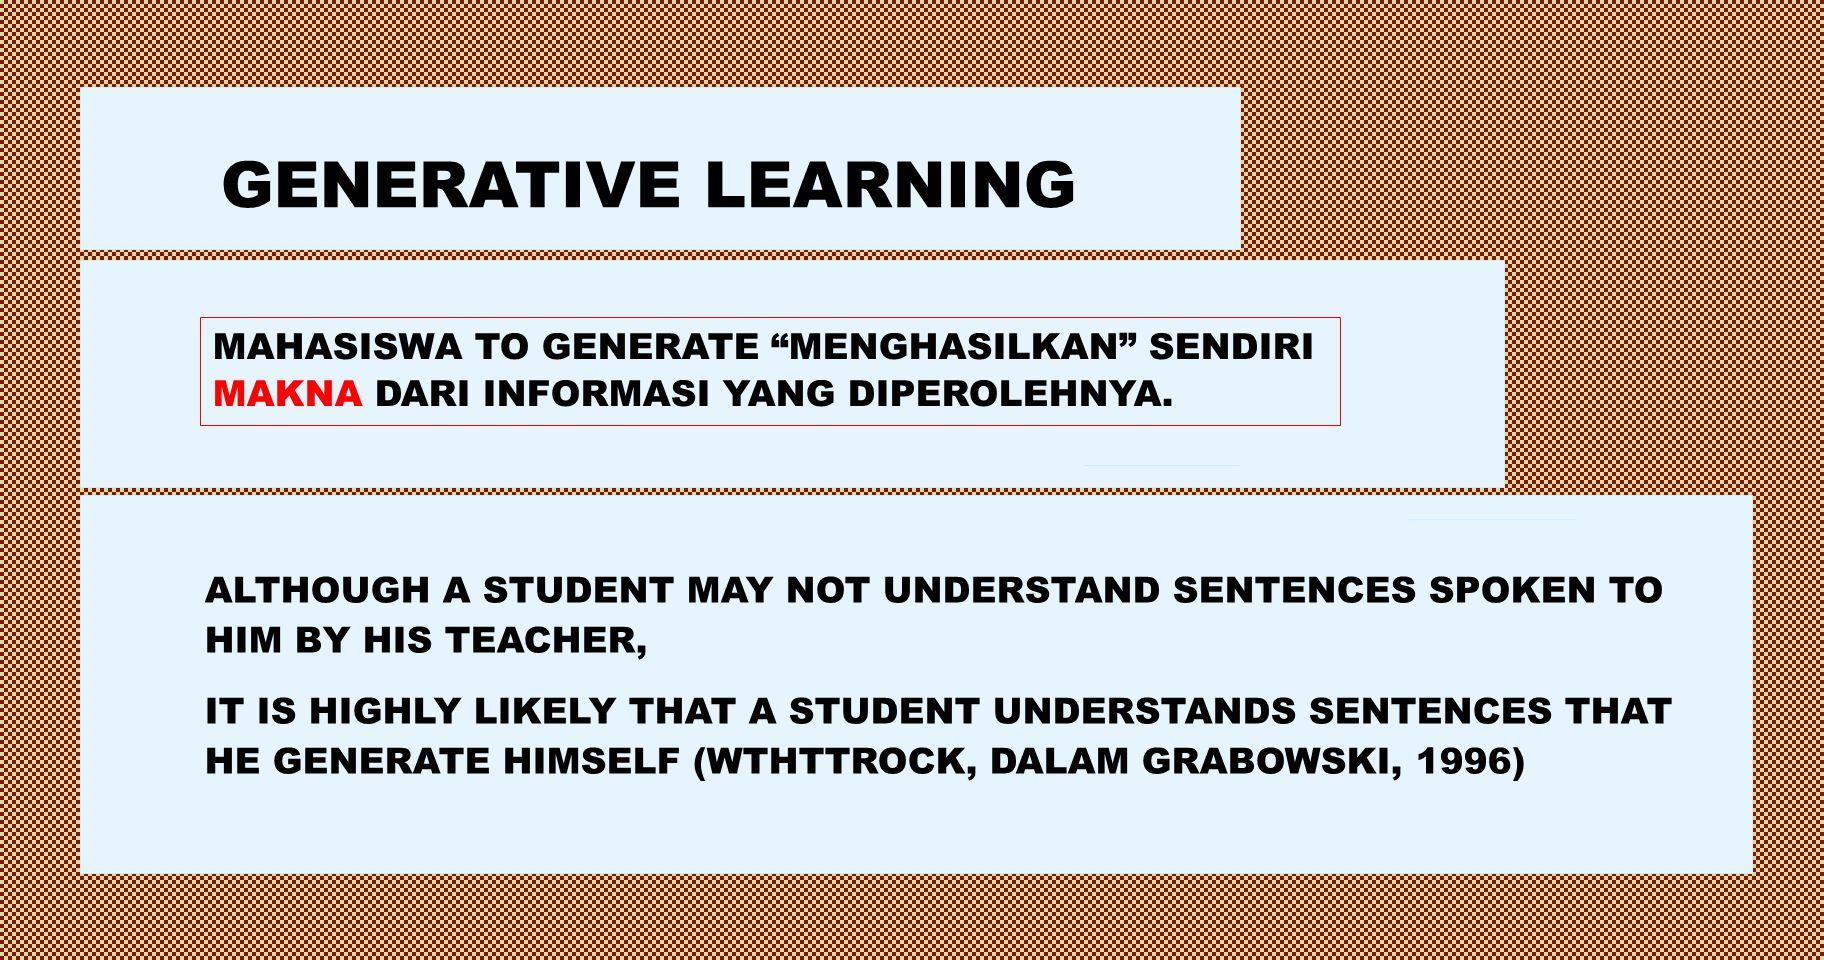 GENERATIVE LEARNING MAHASISWA TO GENERATE MENGHASILKAN SENDIRI MAKNA DARI INFORMASI YANG DIPEROLEHNYA.